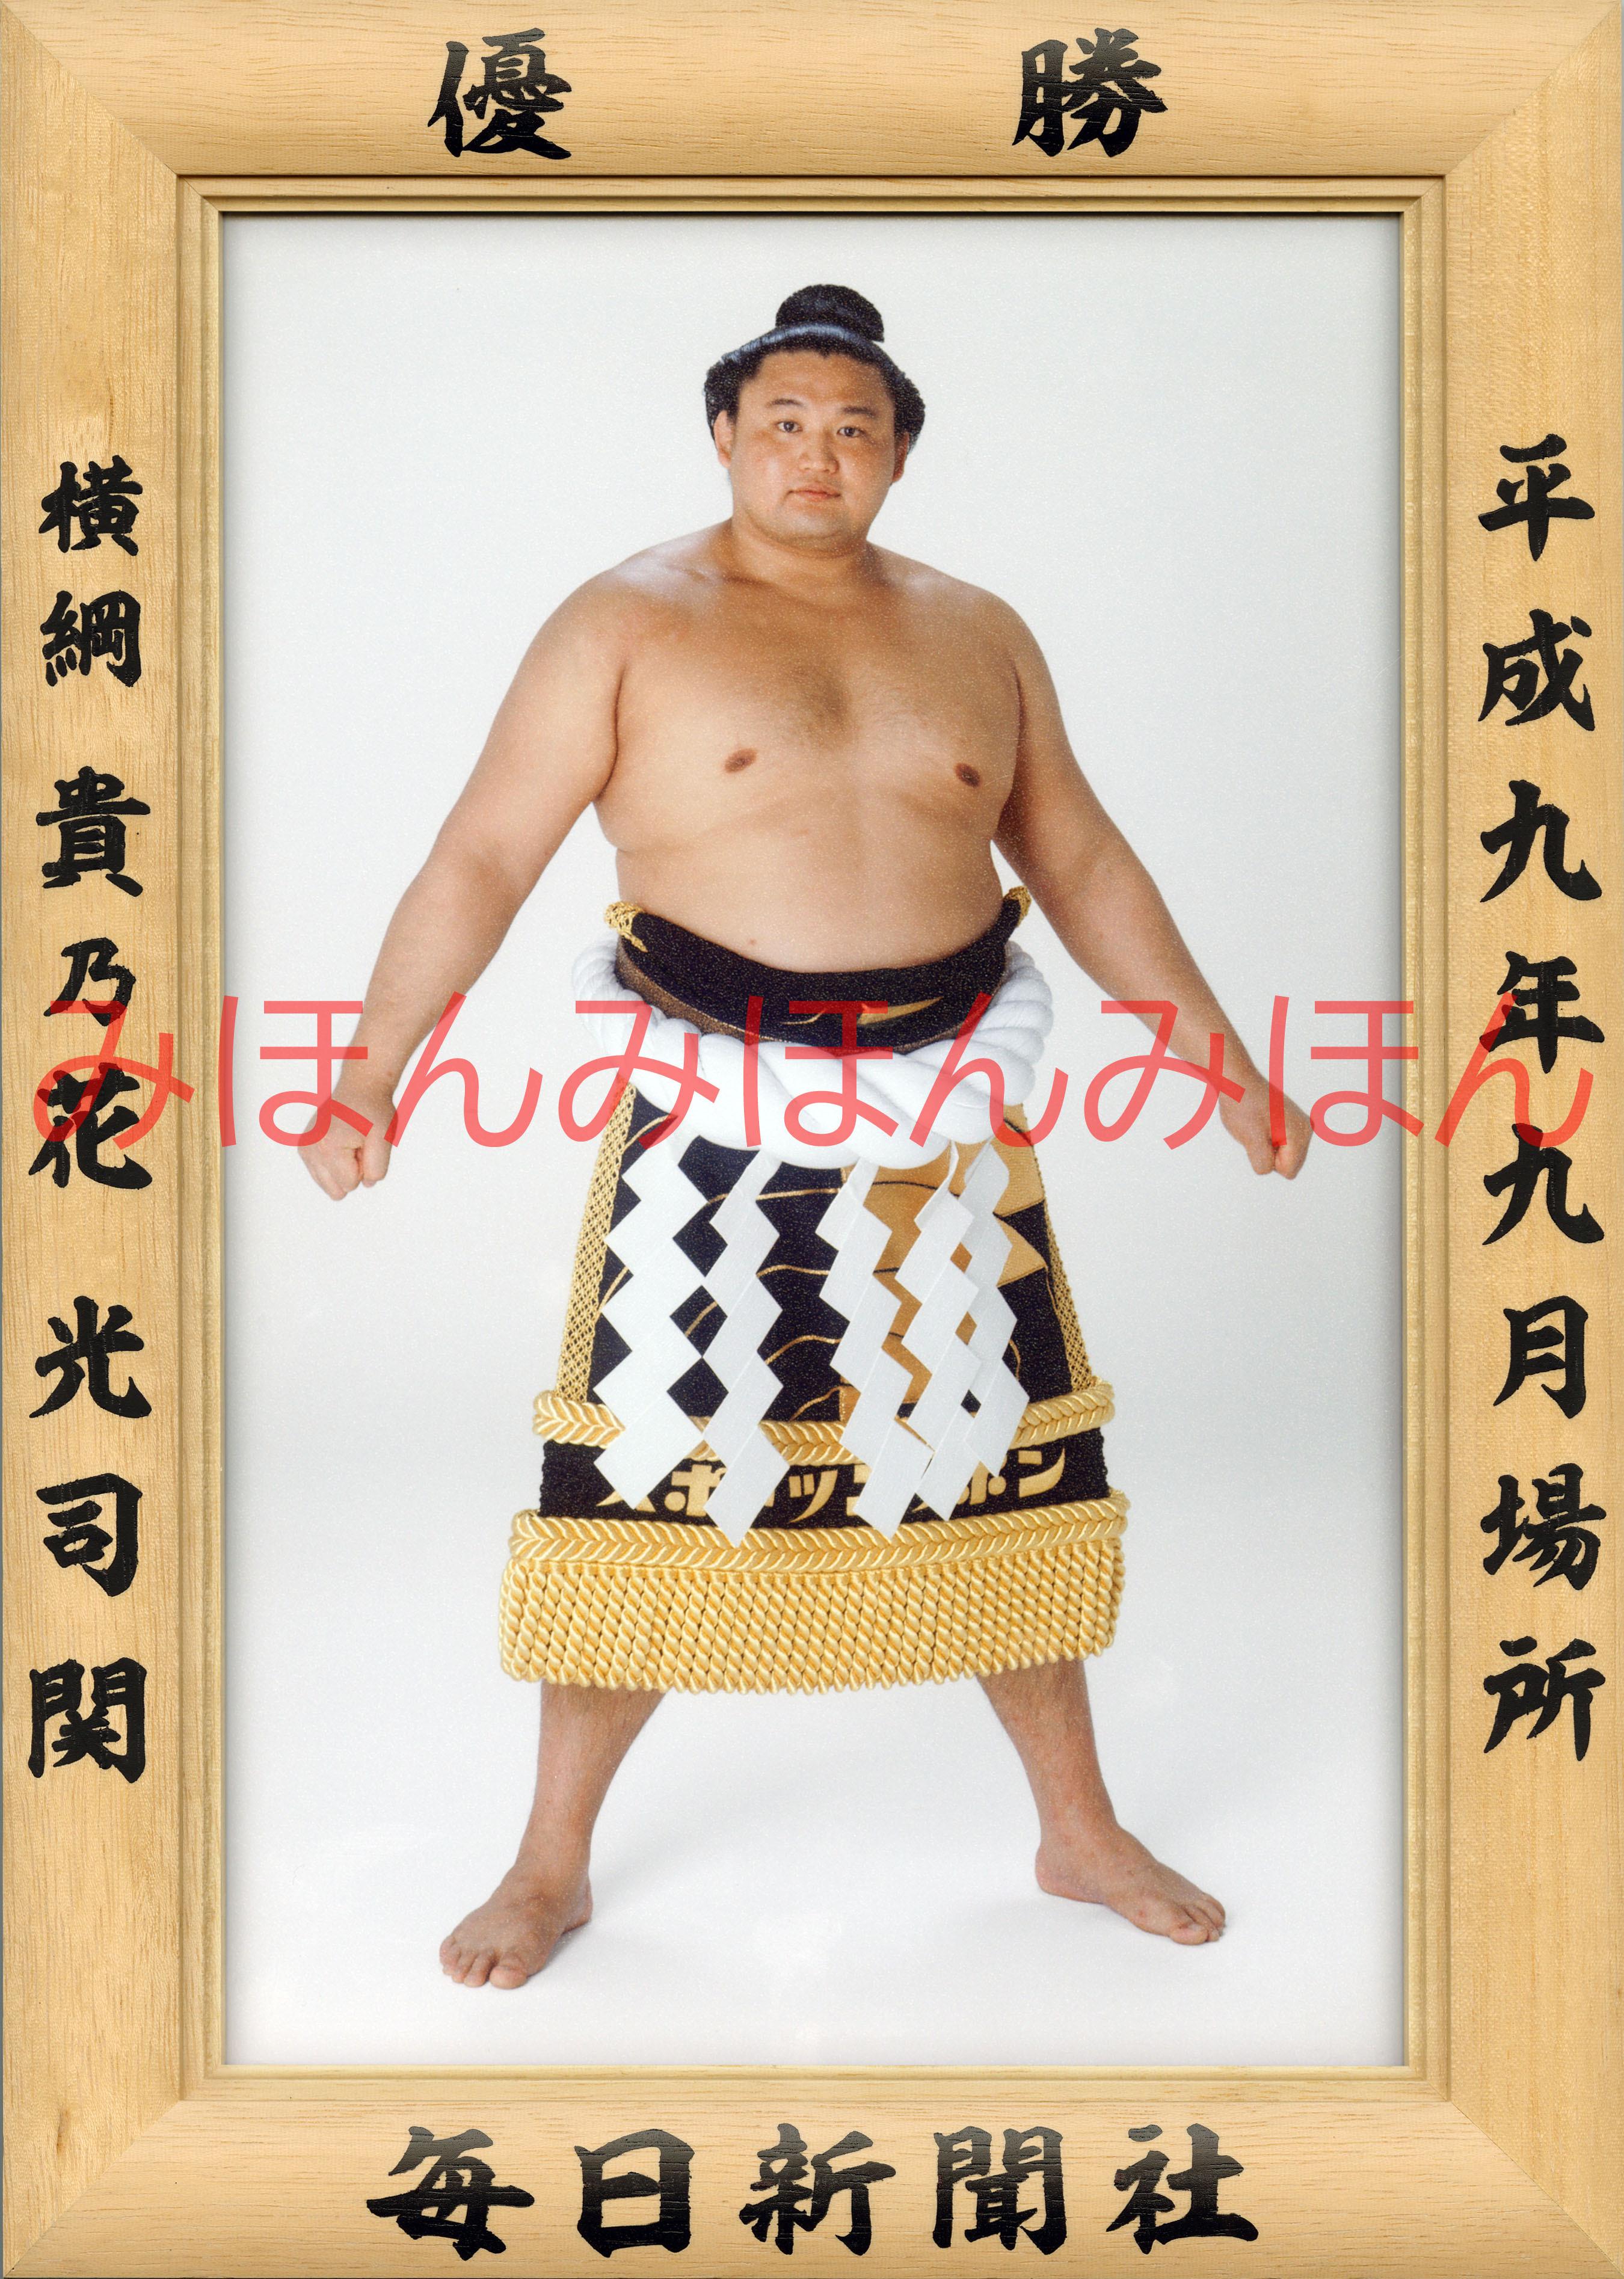 平成9年9月場所優勝 横綱 貴乃花光司関(18回目の優勝)